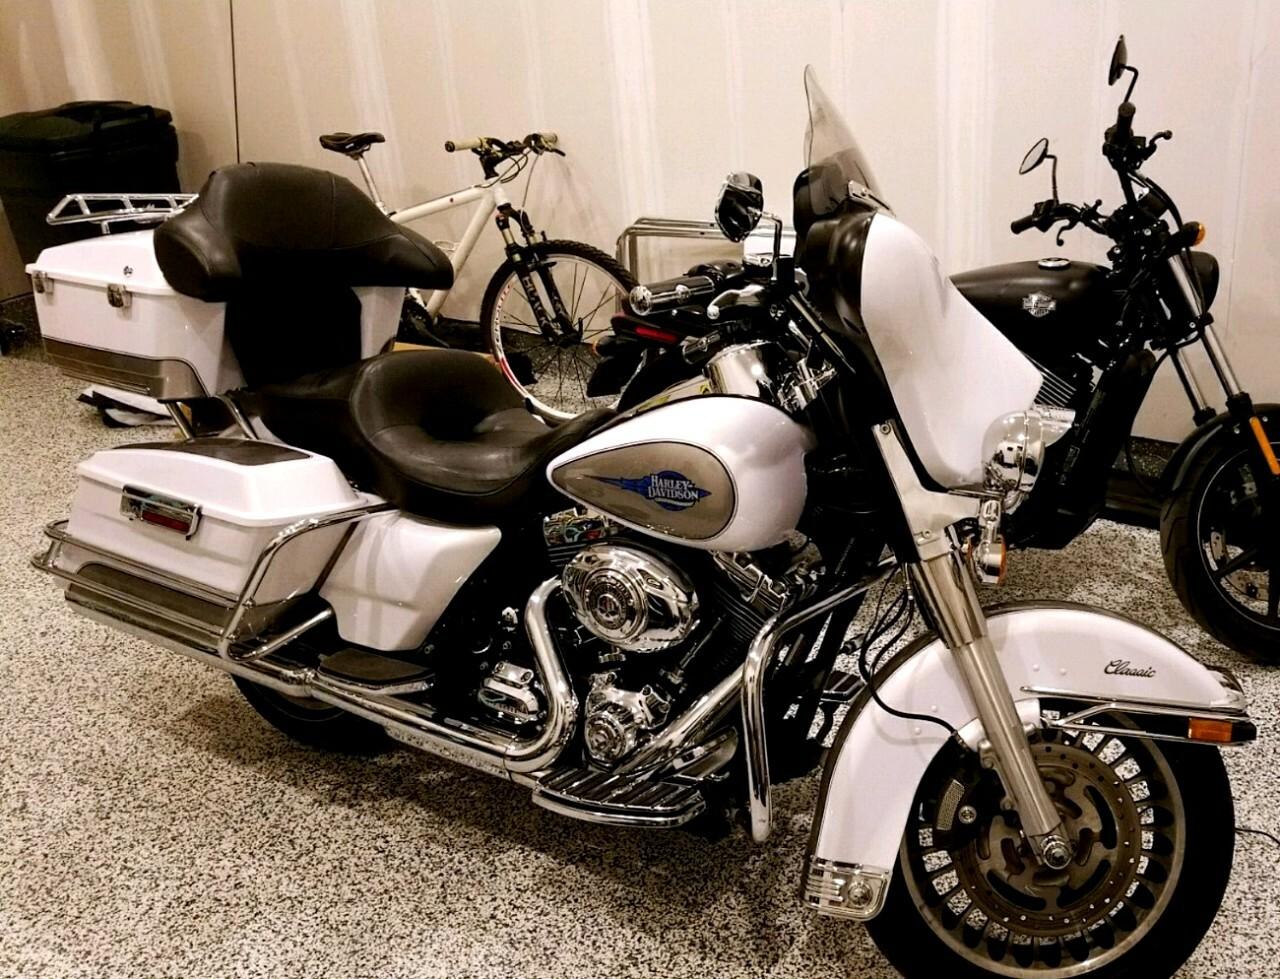 Craigslist Motorcycles Rutland Vt | Reviewmotors.co